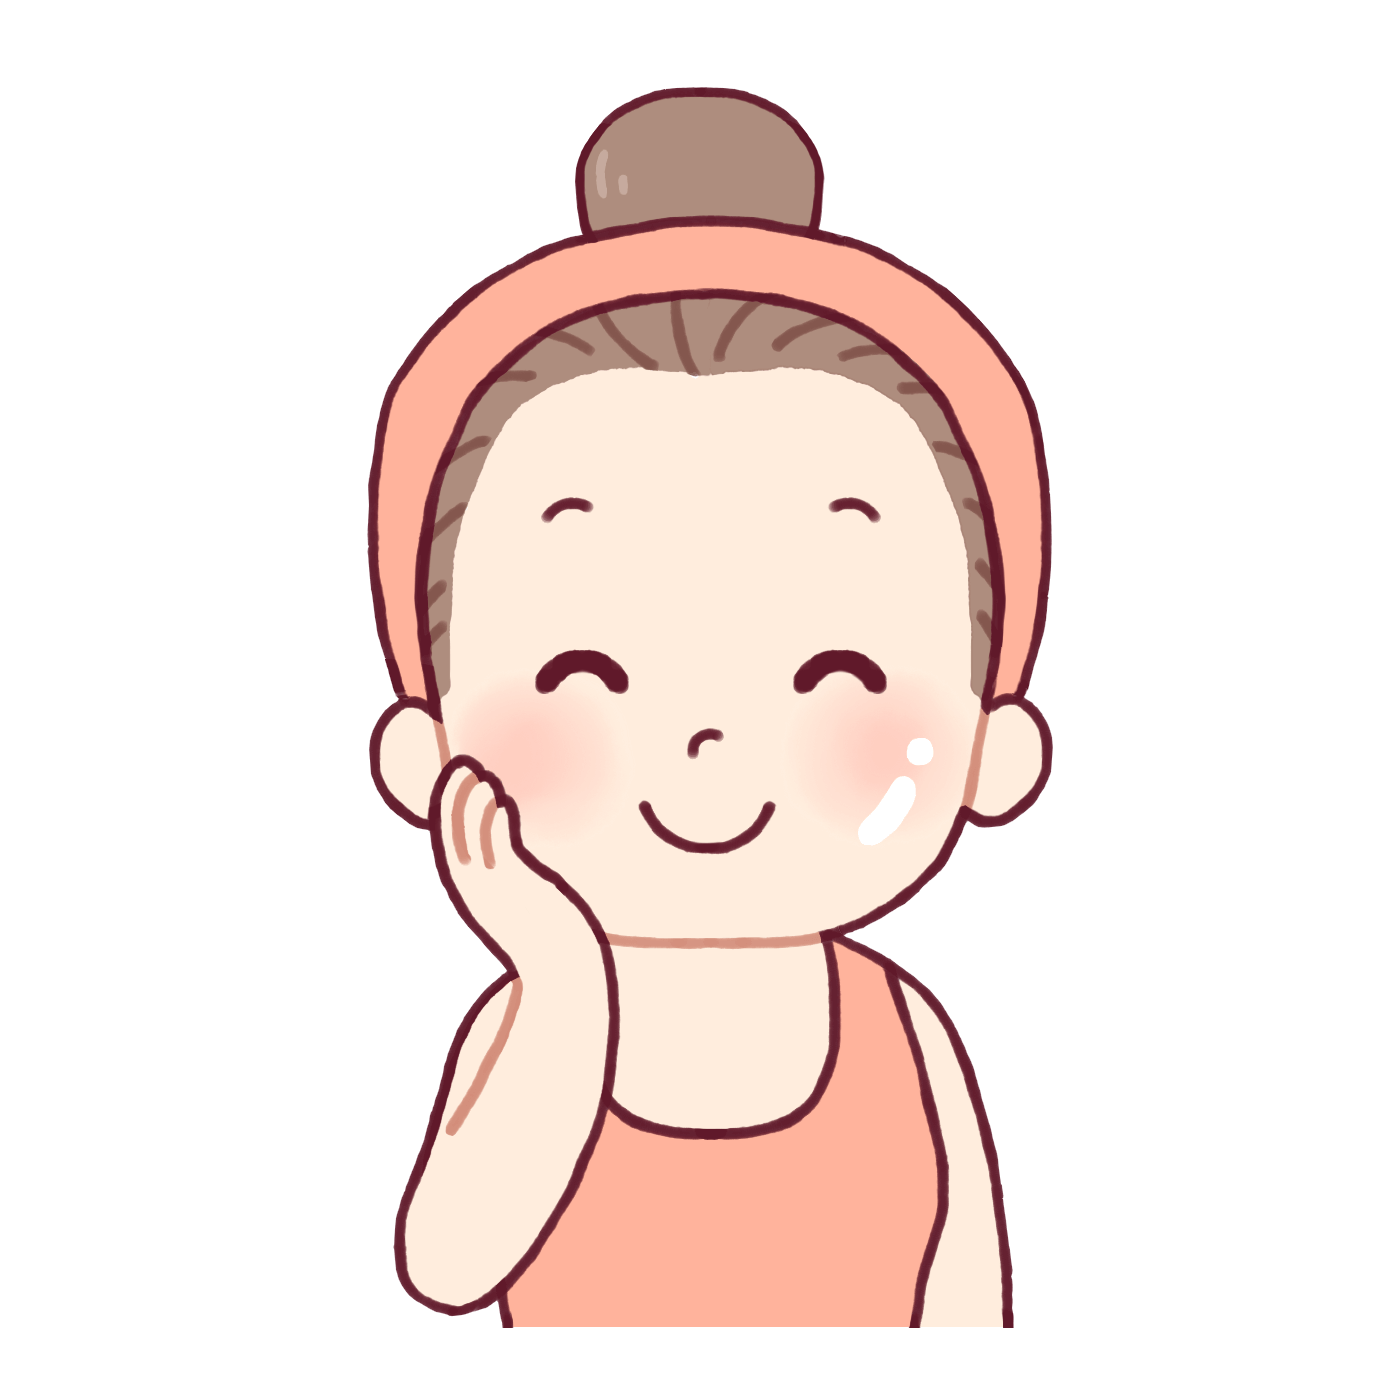 【Japanese Onomatopoeia】TSURU-TSURU / つるつる / ツルツル